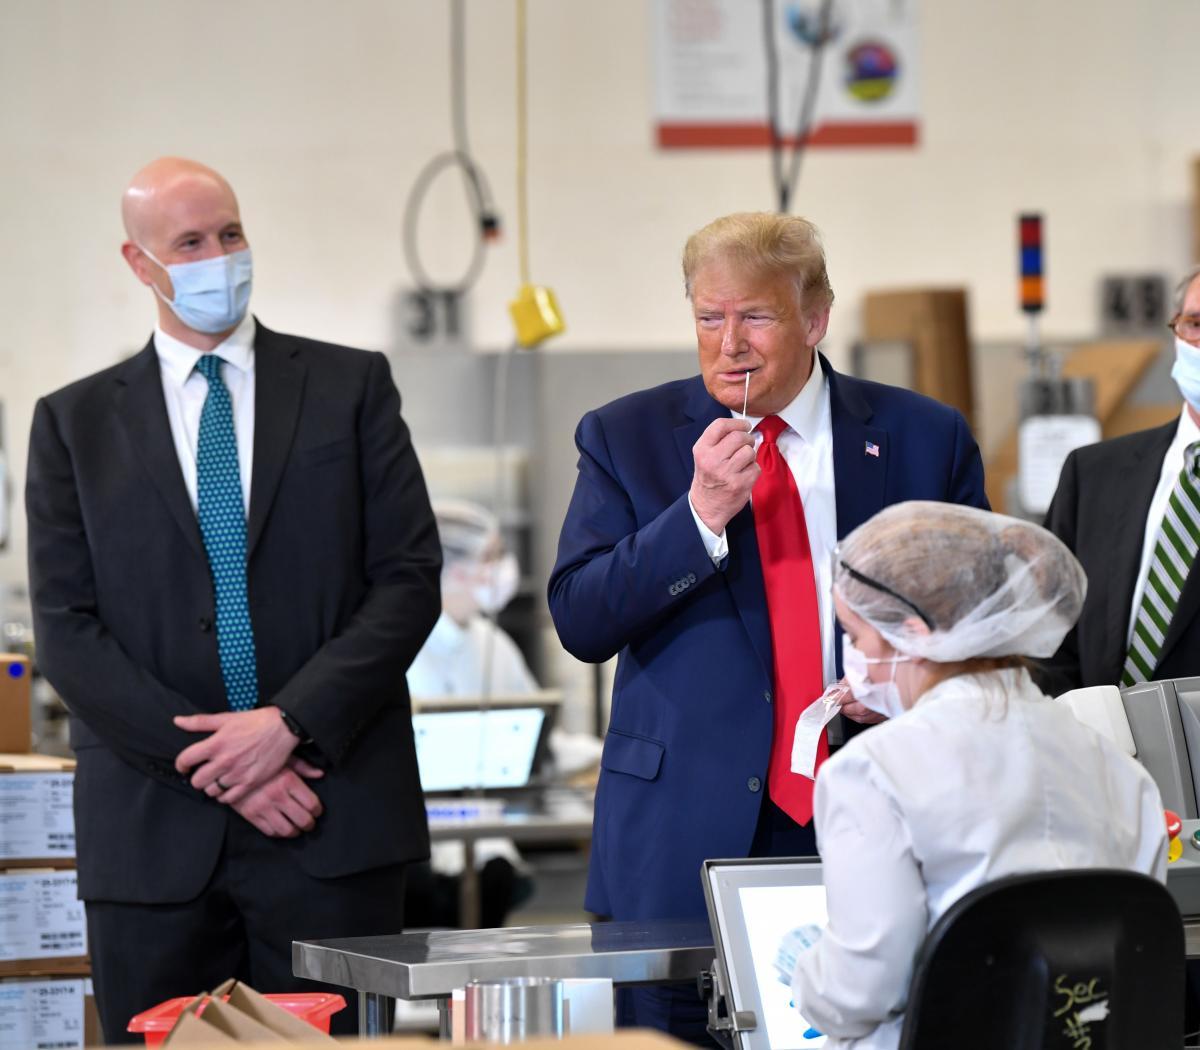 Trump visitó una fábrica de hisopos sin barbijo: tu... | Página12